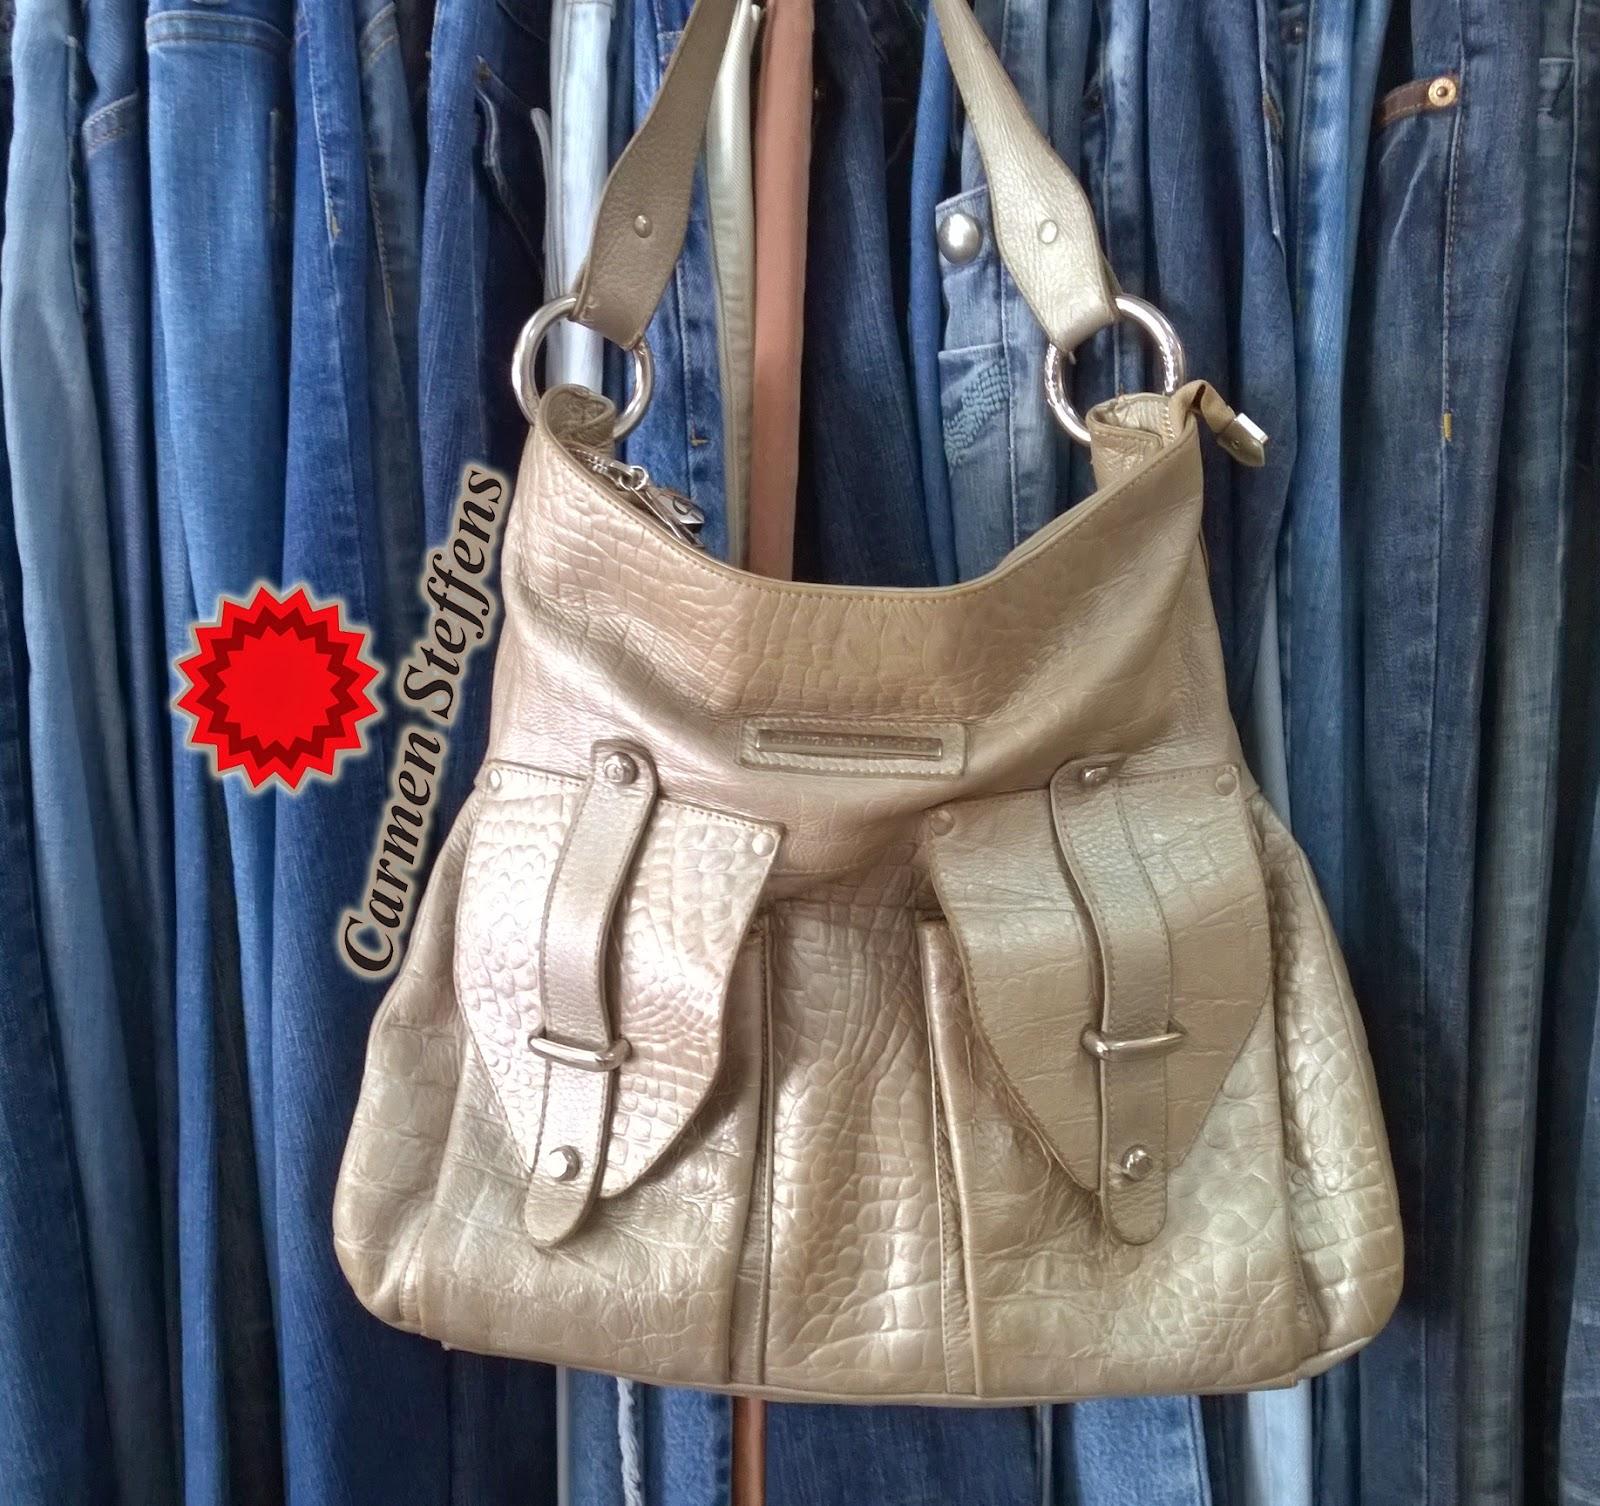 Bolsa De Couro Legitimo Usada : Moda de lari bolsa couro legitimo grande carmen